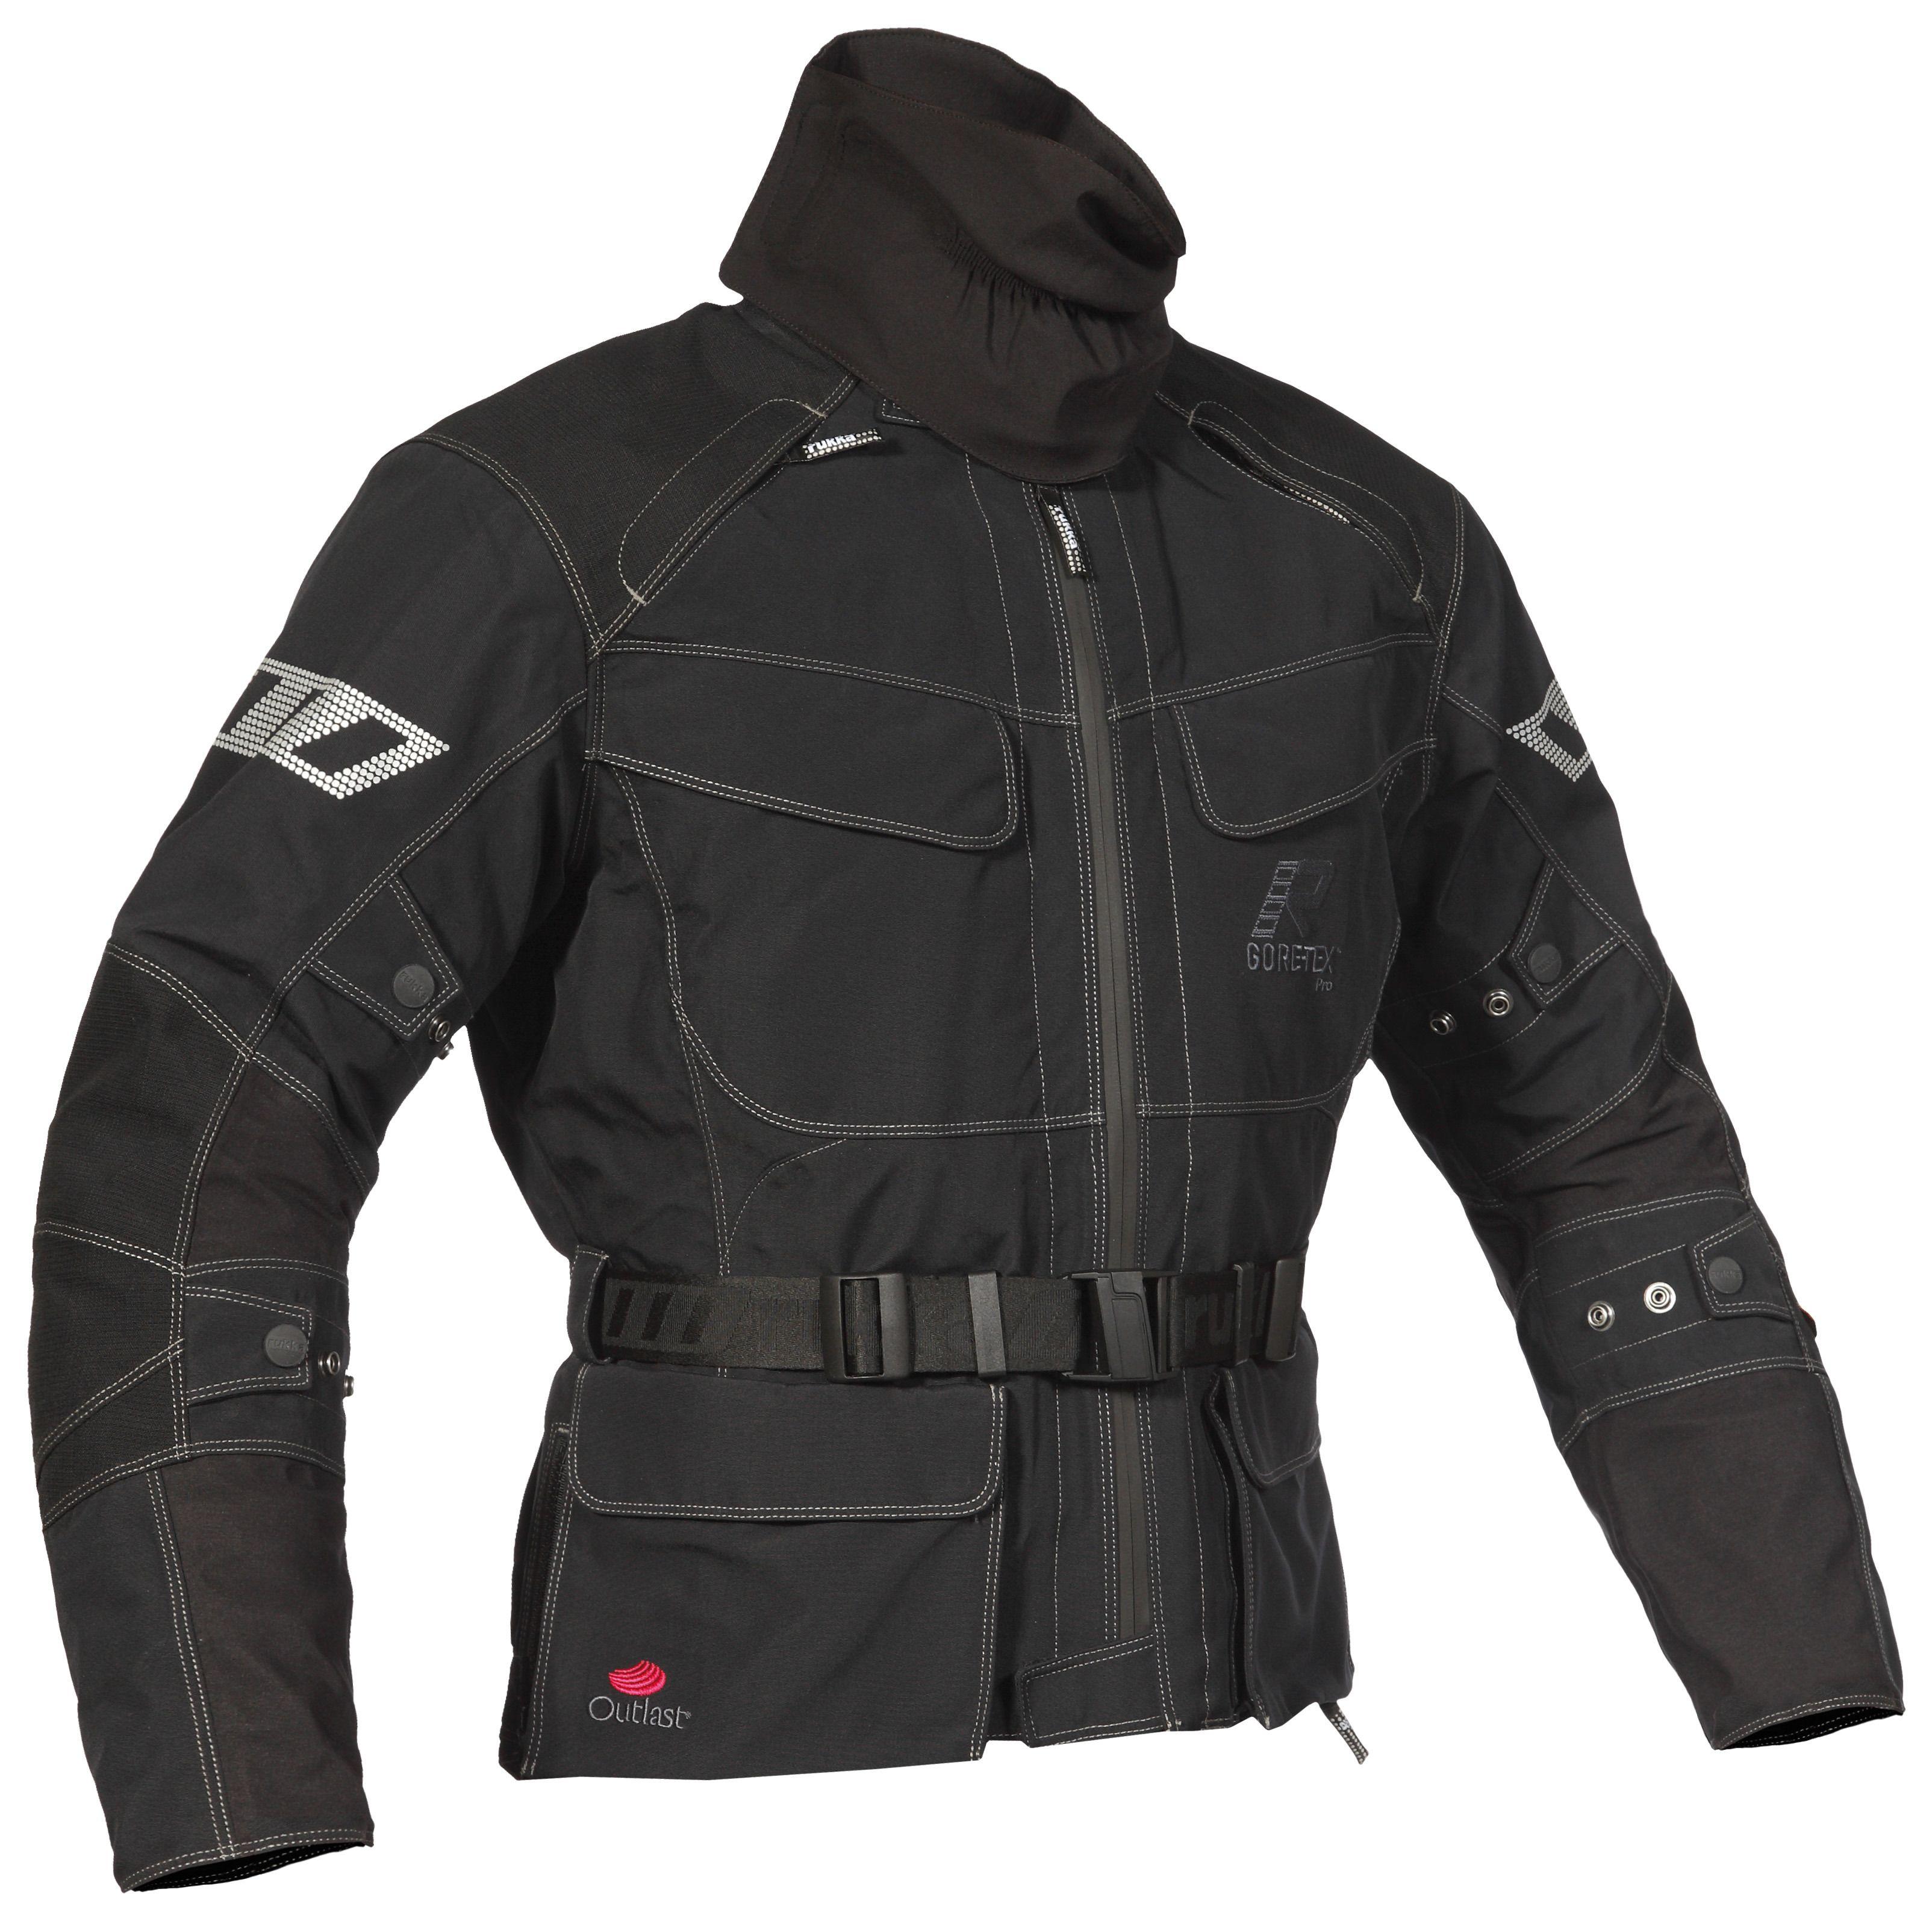 Full Face Cruiser Helmets >> Rukka Cosmic Jacket   18% ($200.00) Off! - RevZilla